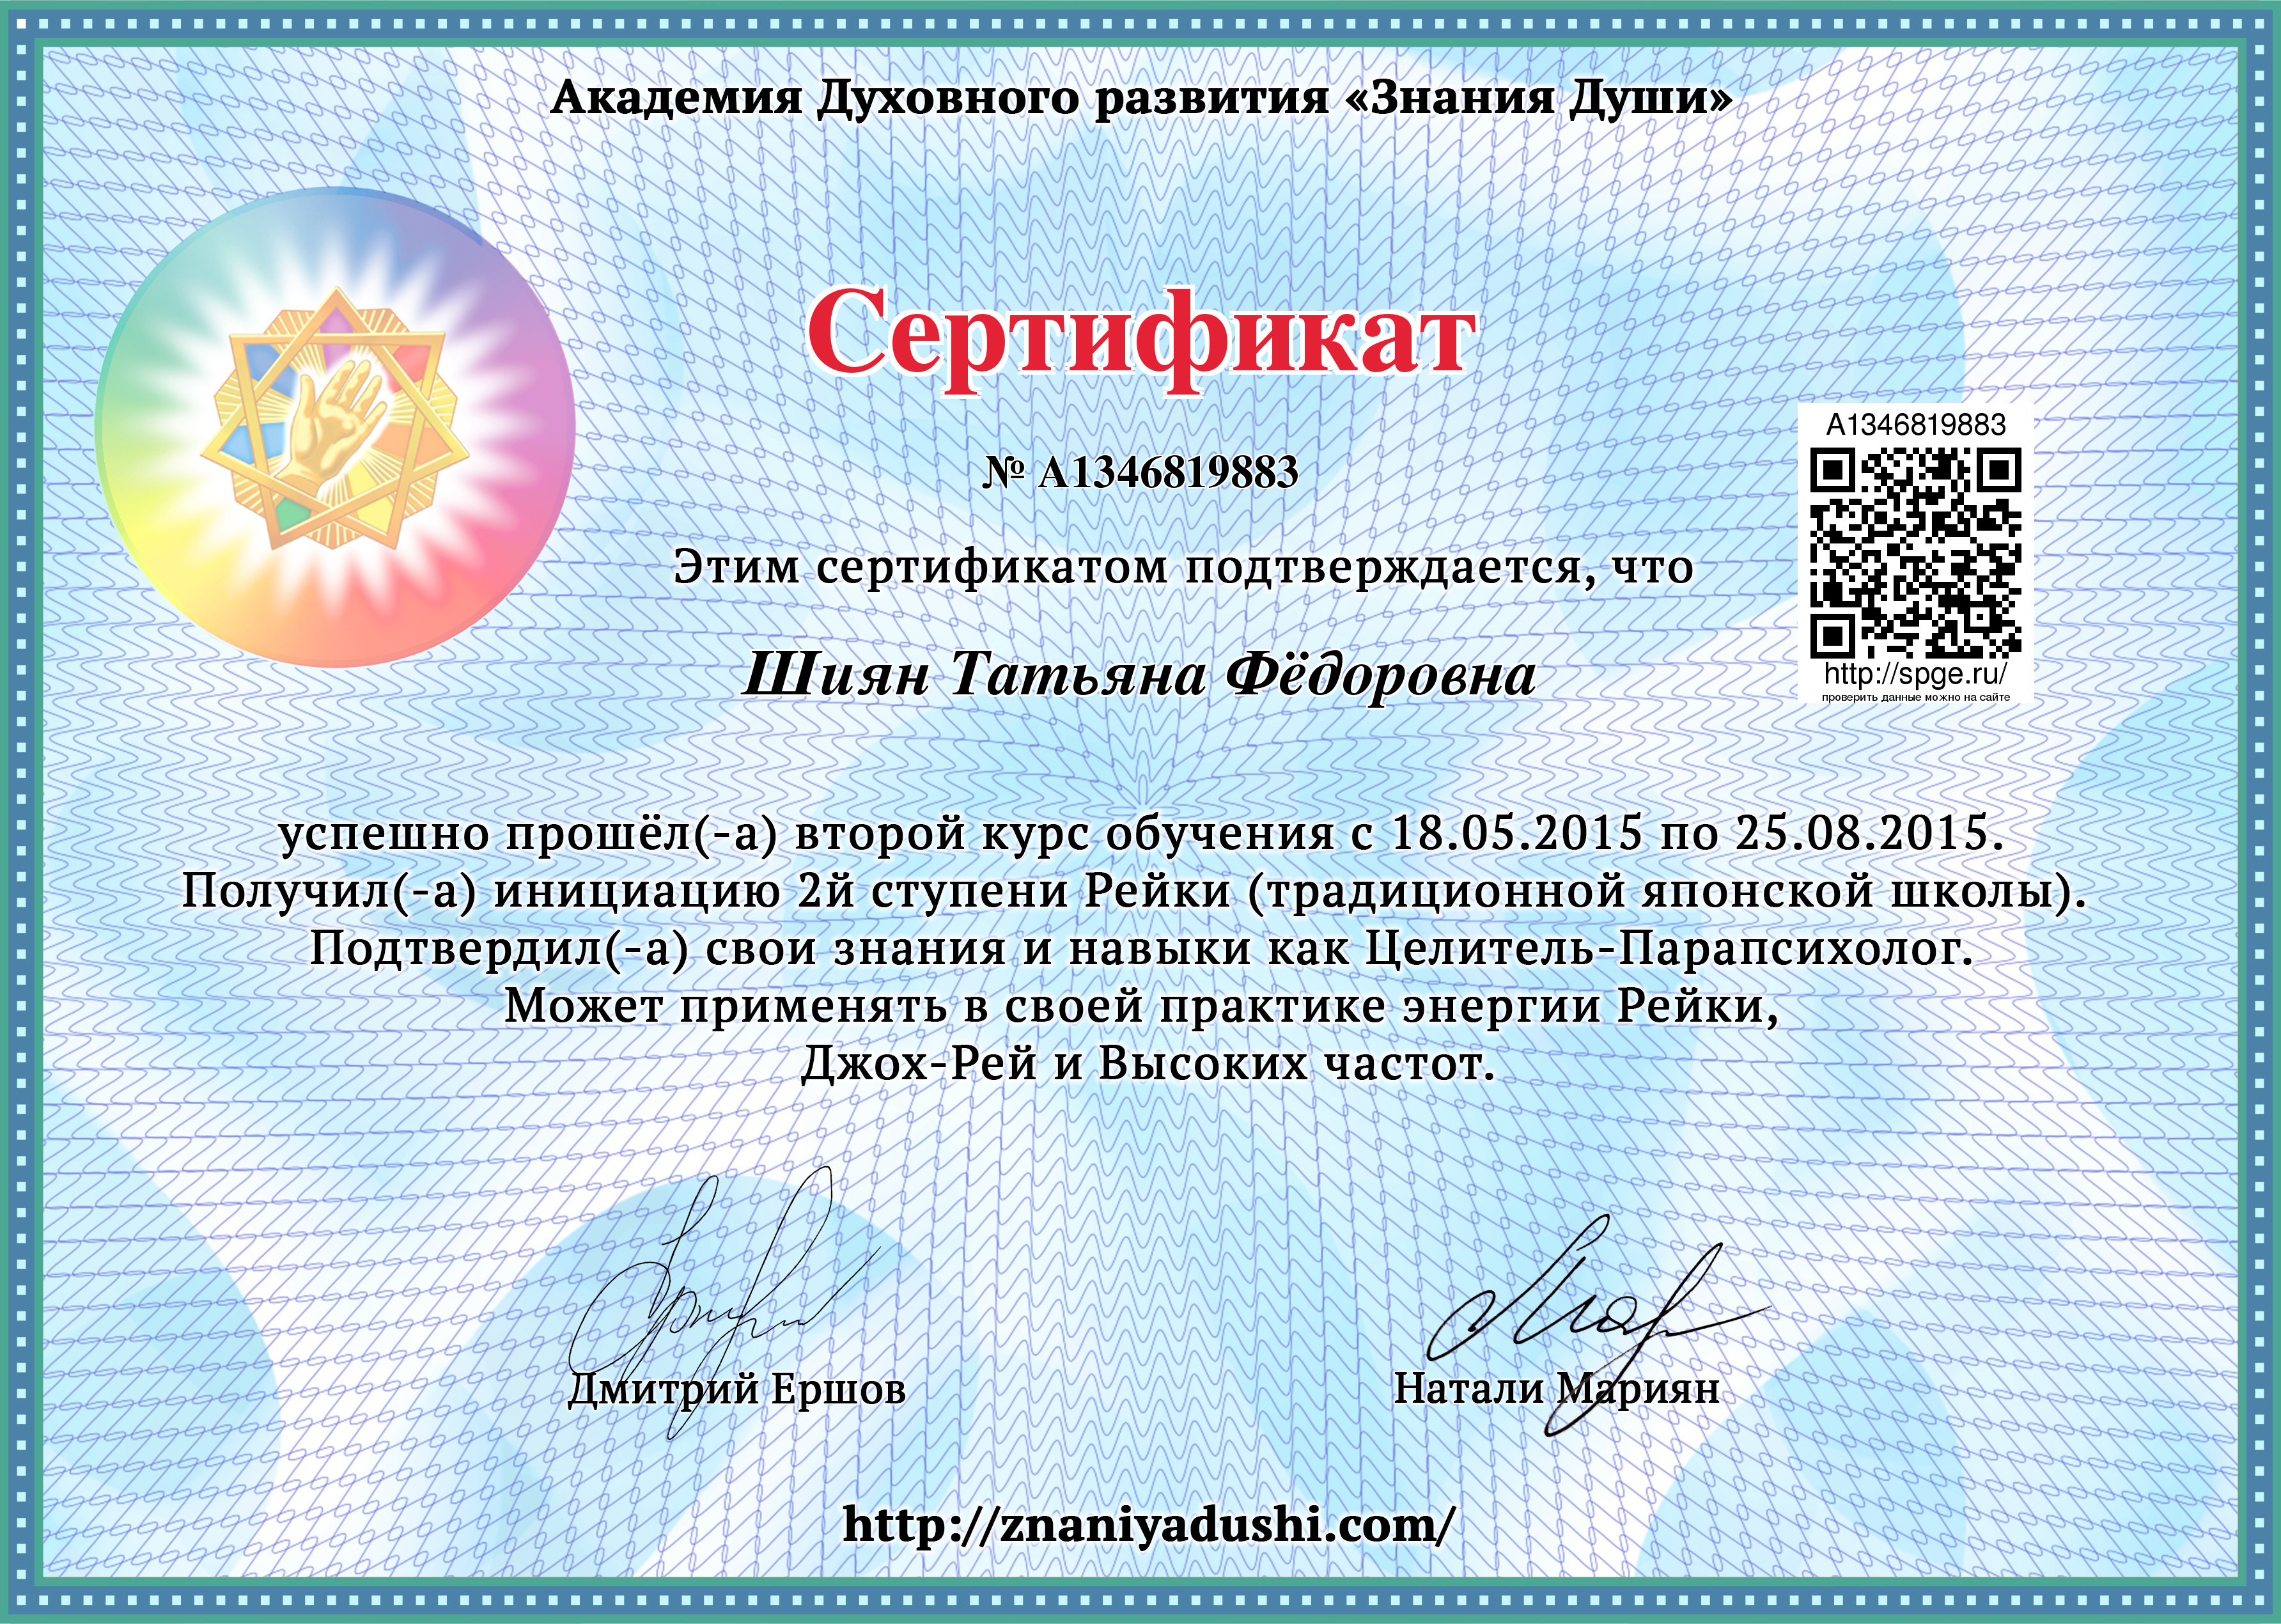 Shian_Tatyana_2_kurs